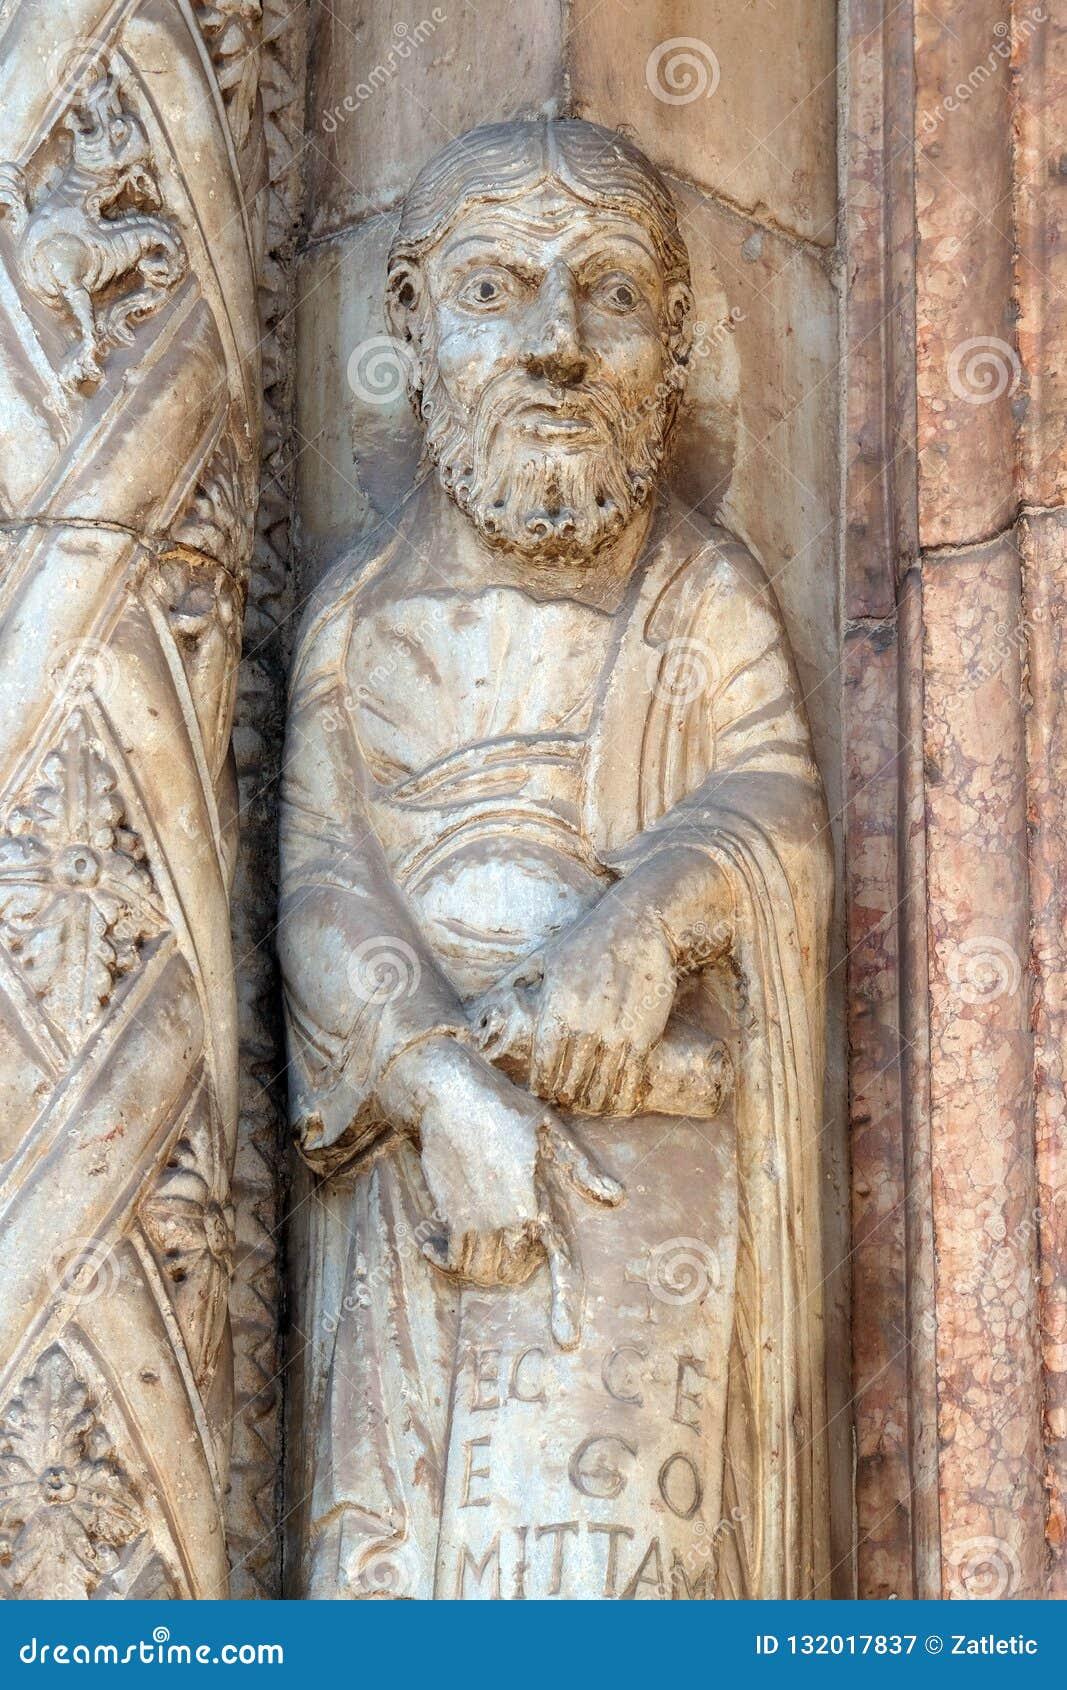 Profeta, estatua en el portal de la catedral dedicada a la Virgen María bendecida bajo designación en Verona